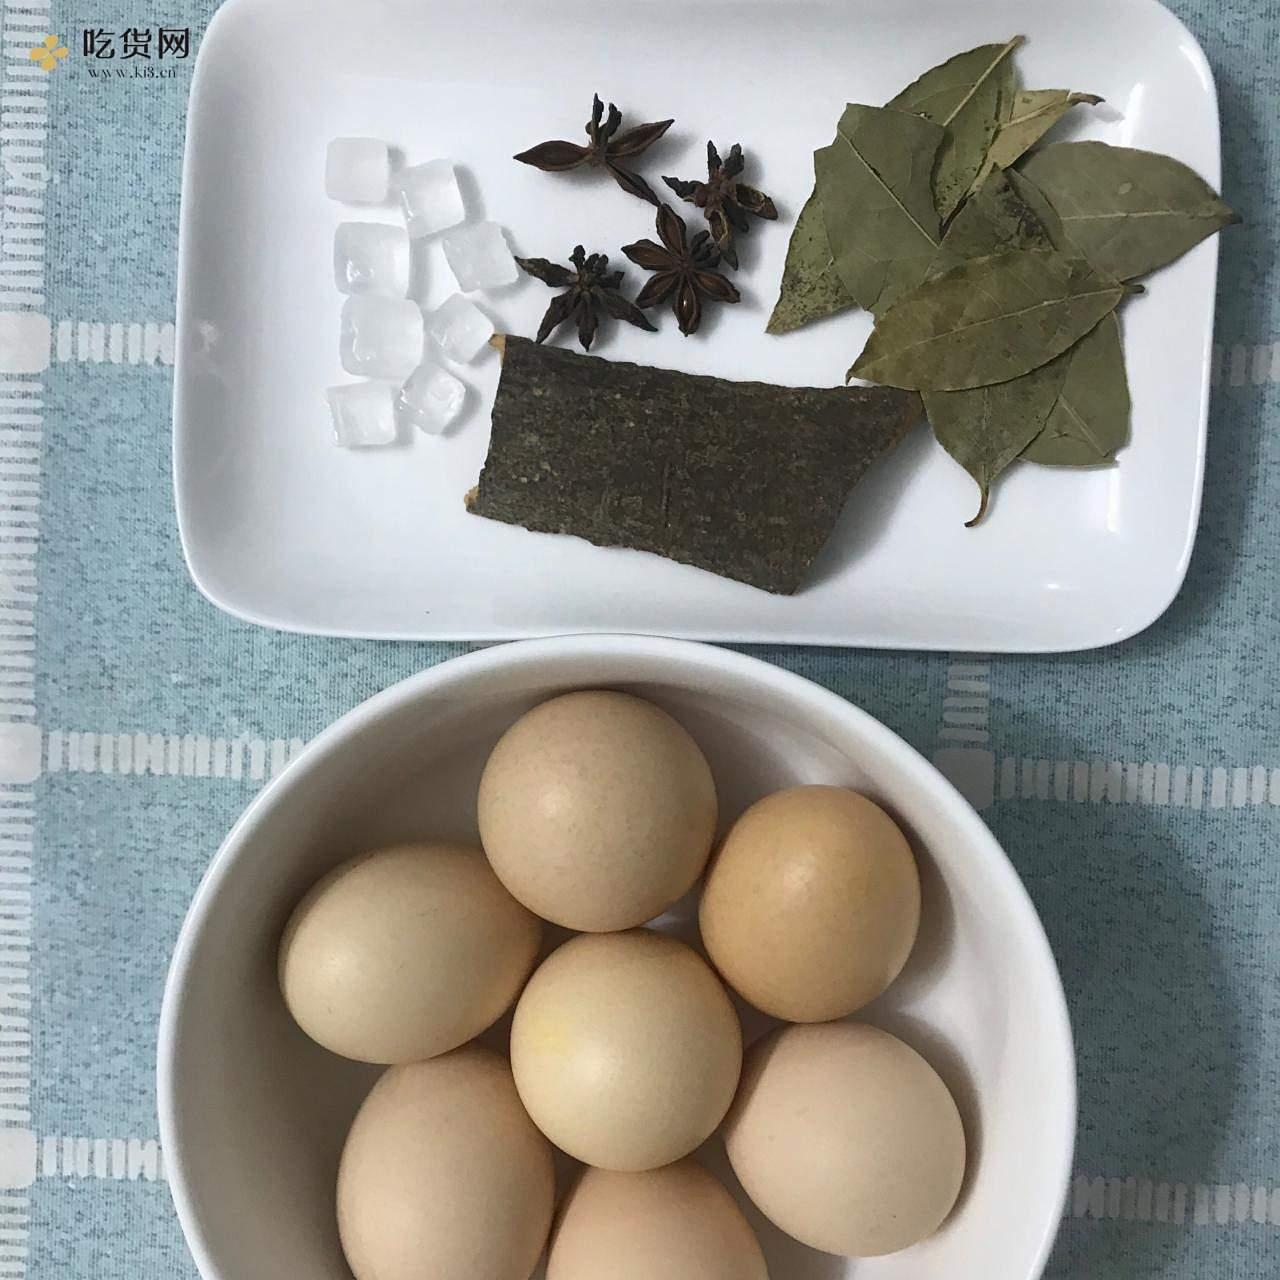 懒人茶叶蛋超简单做法40分钟搞定茶叶蛋的做法 步骤1